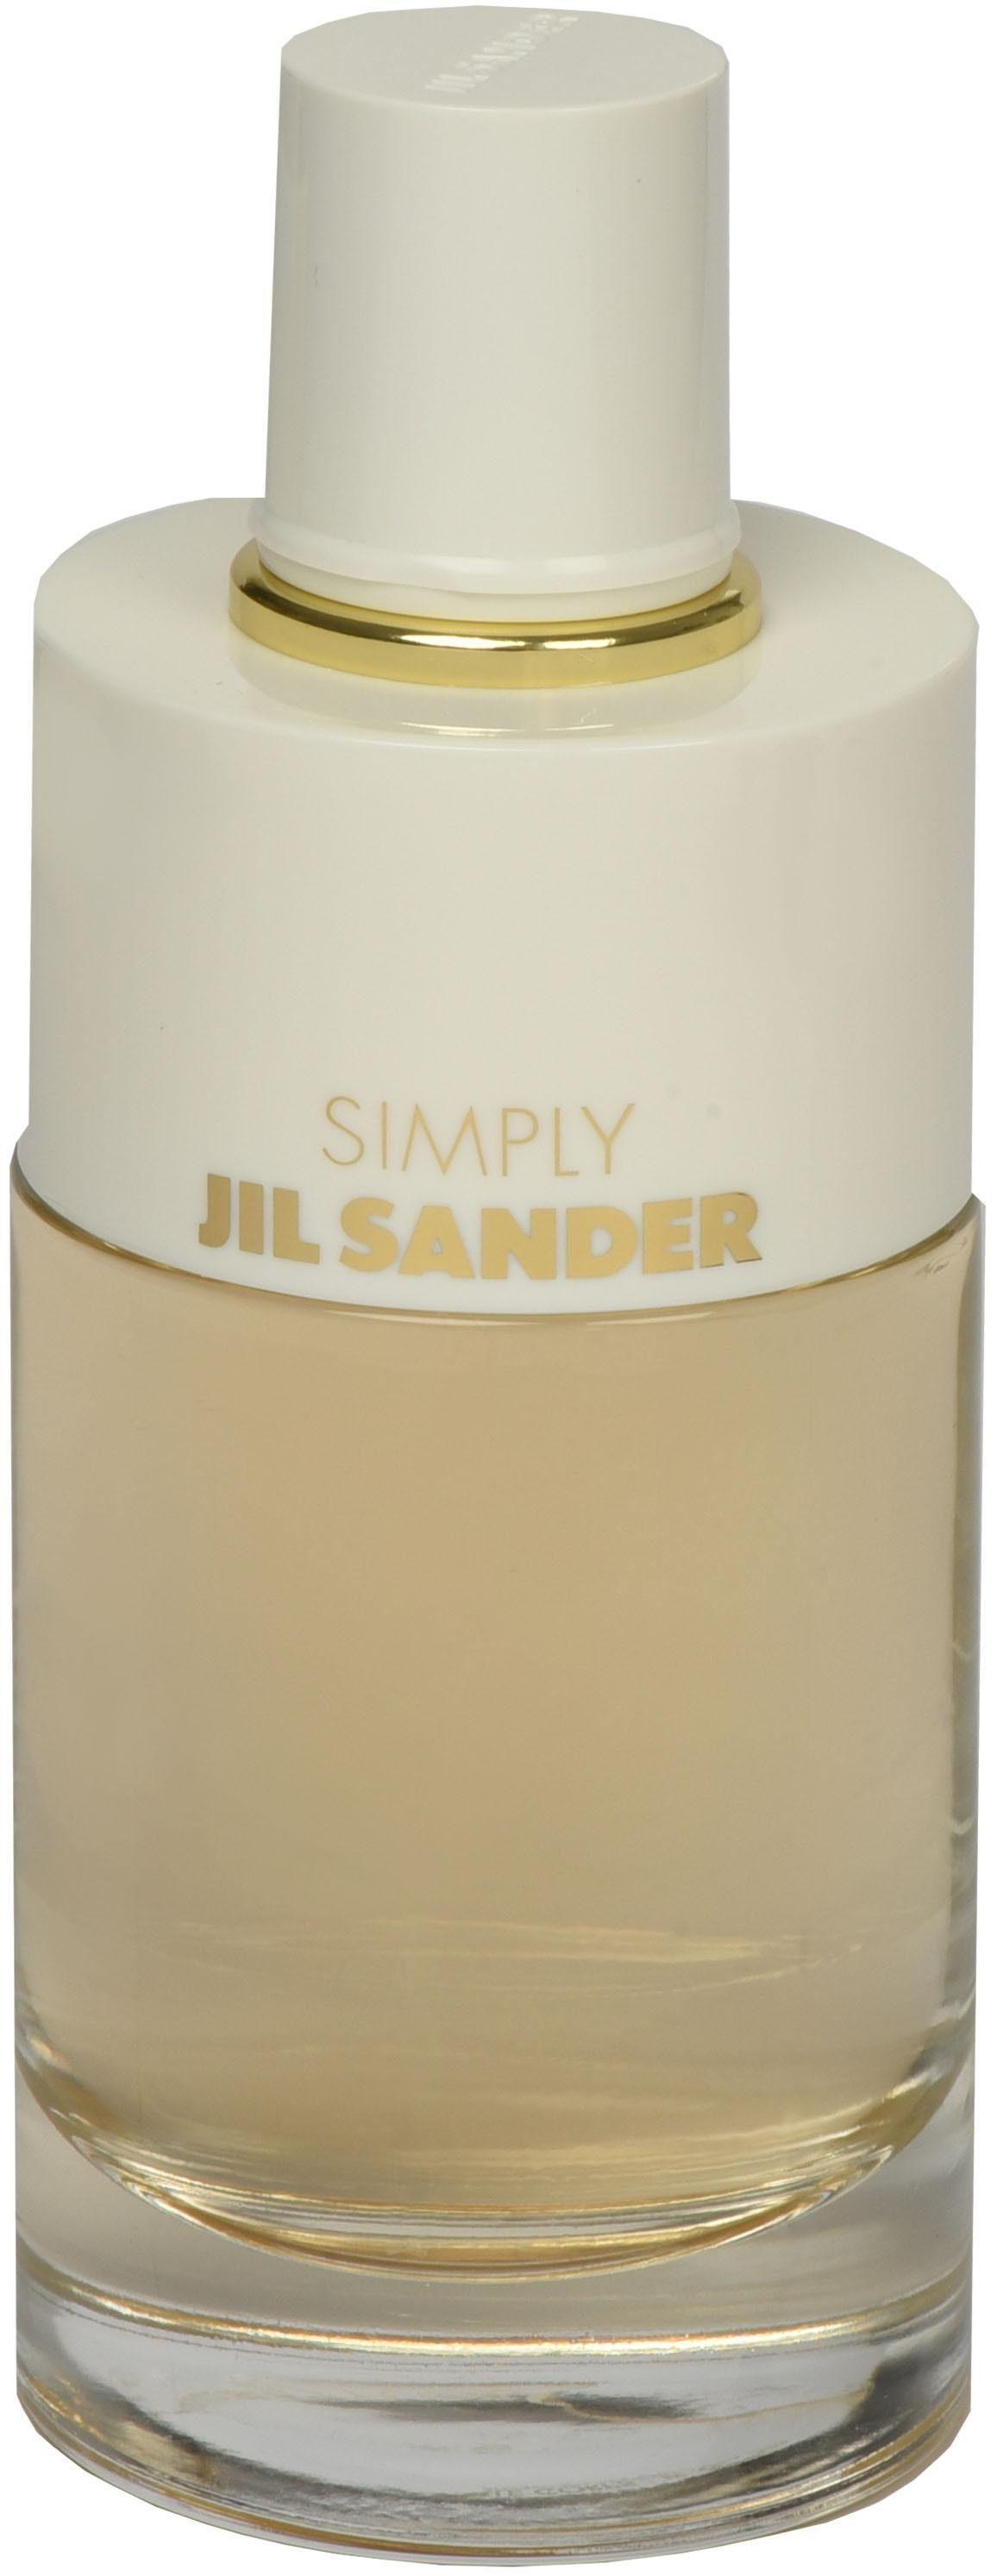 Jil Sander, »Jil Sander Simply Body Spray«, Body Spray